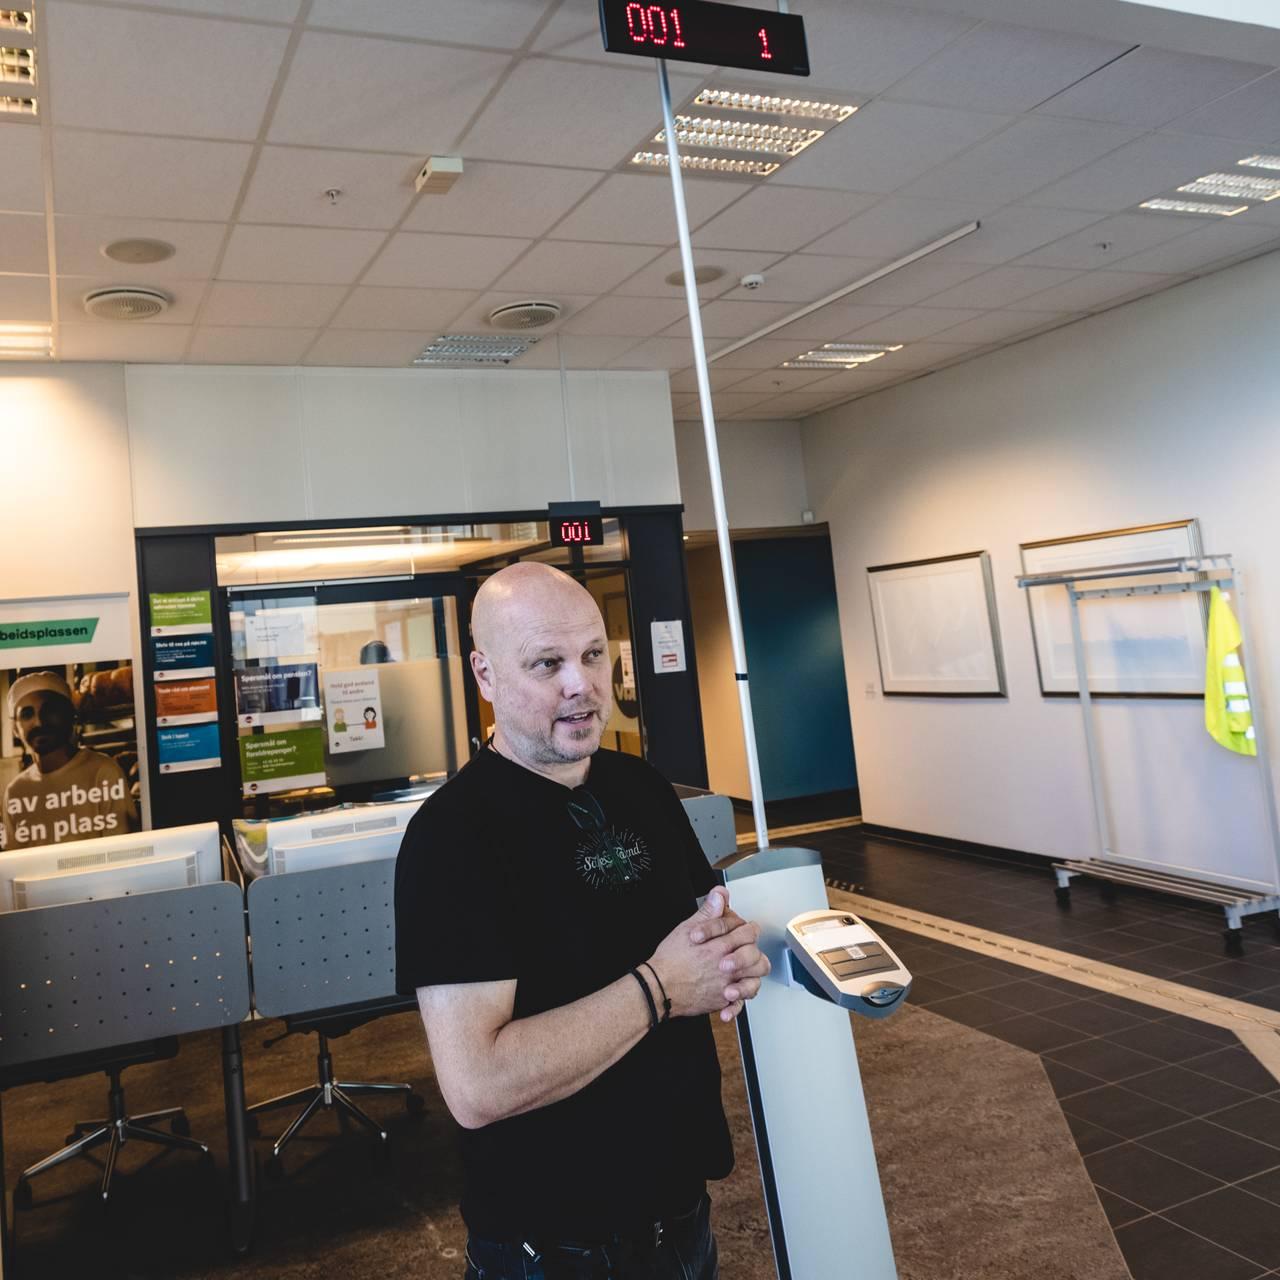 EN TRAVEL MANN: Beredskapssjef Morten Andreassen sjonglerer beredskapsjobbingen i 10 prosent stilling med E-16 utbygging og rollen som rådgiver i utviklingsenheten.